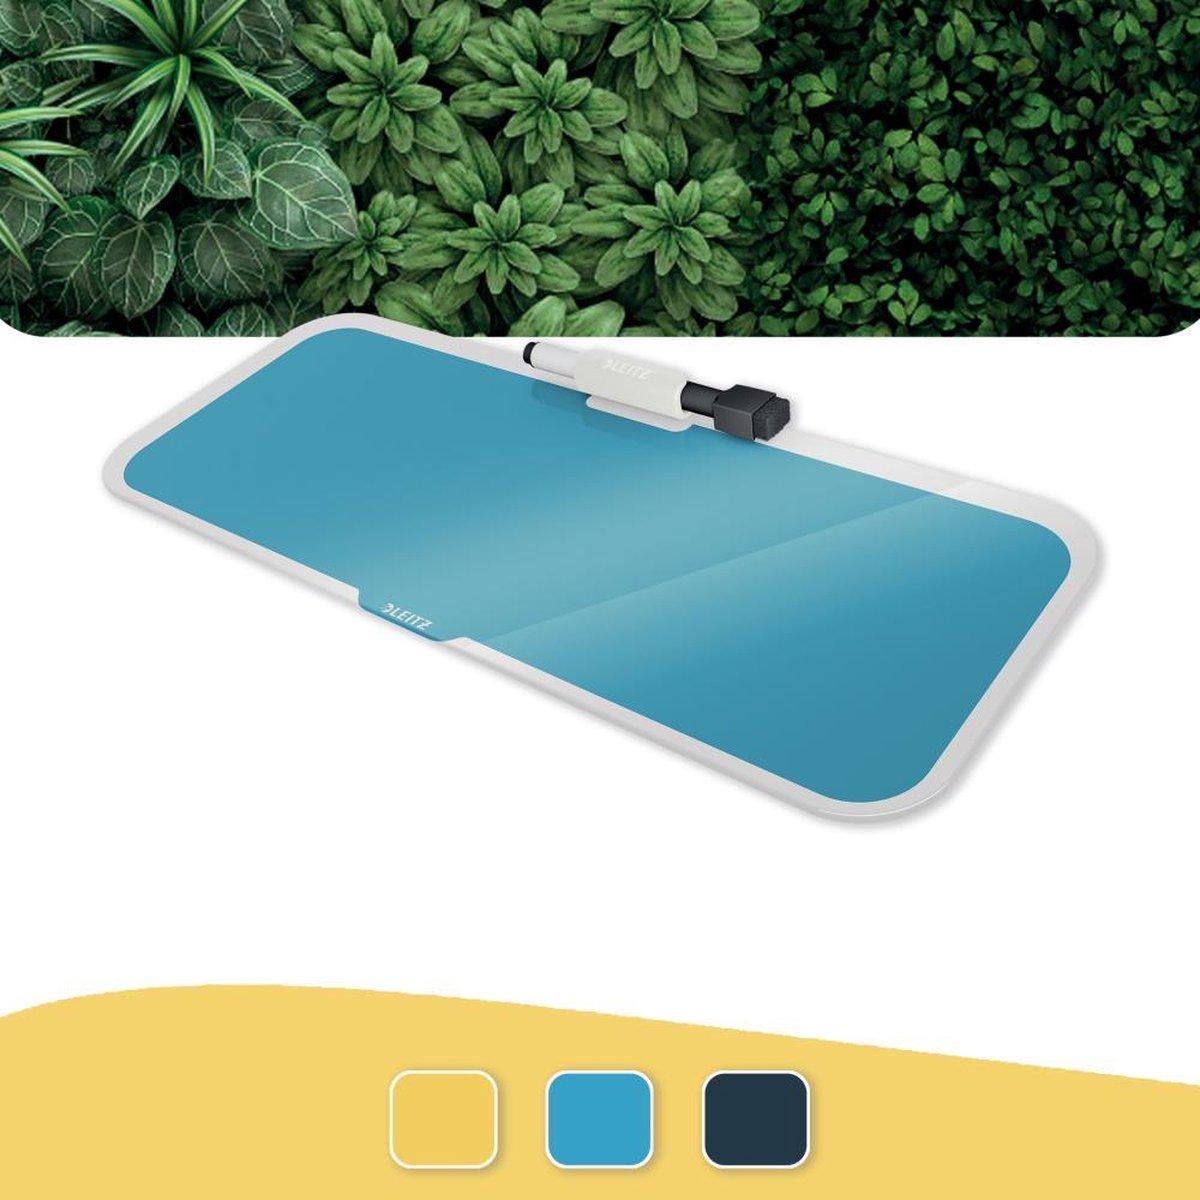 Leitz Cosy Glassboard Voor Bureau - Glazen Memobord Met Pennenhouder - Inclusief Minimarker Met Wisser - Sereen Blauw